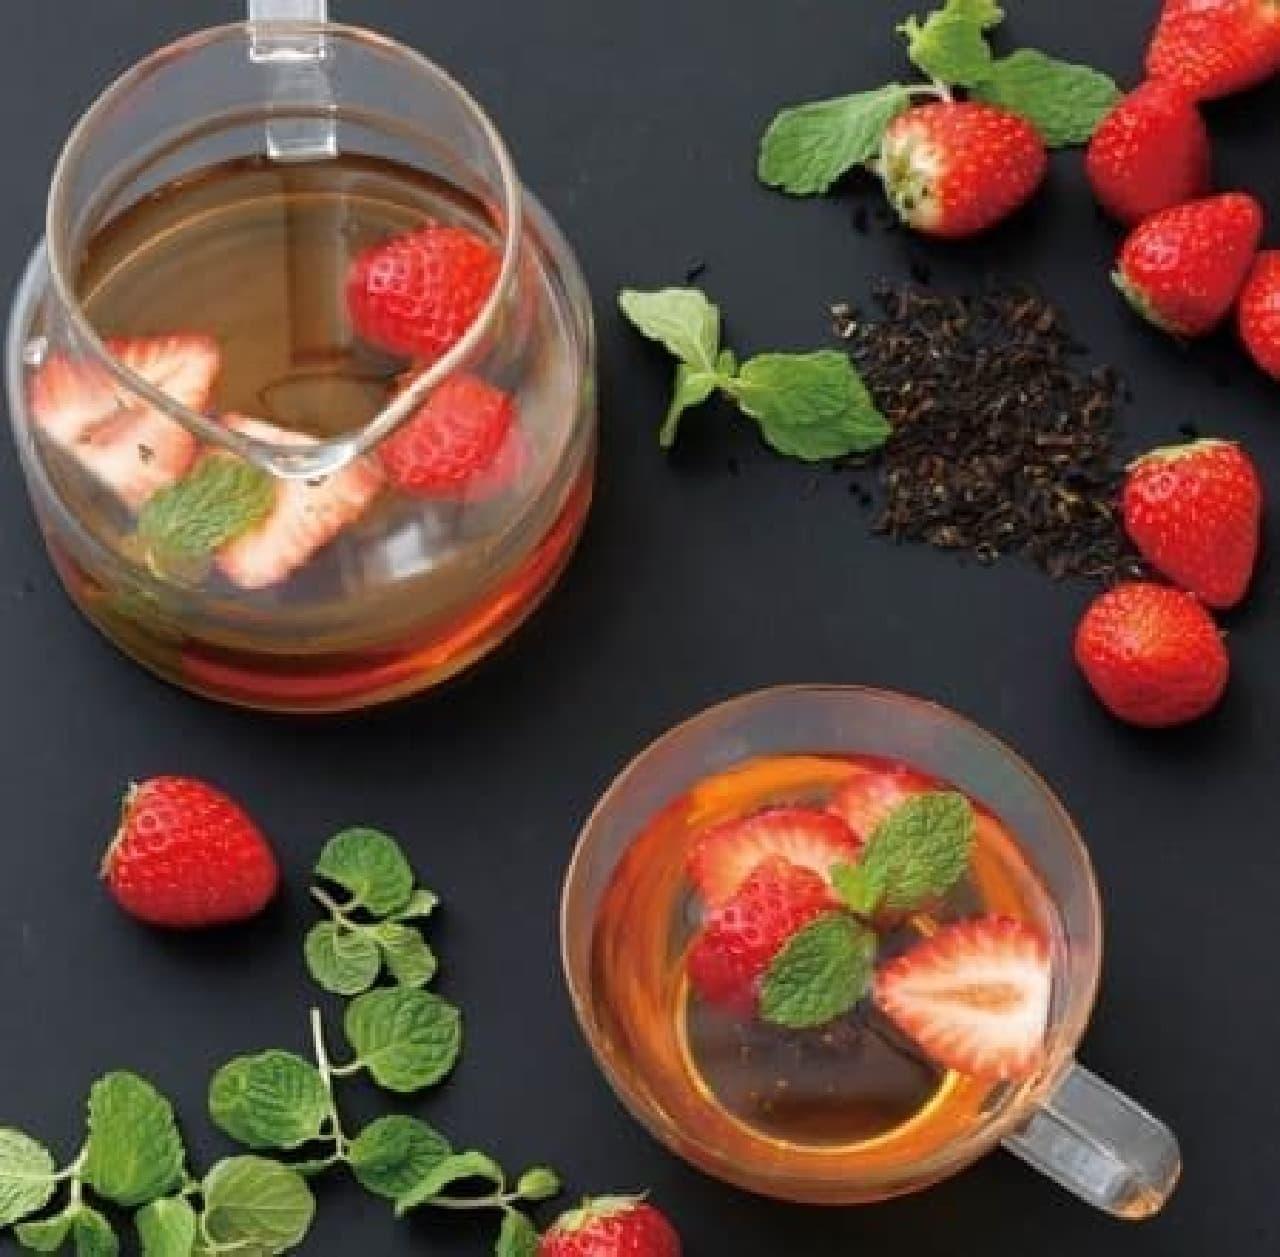 甘酸っぱい苺と爽やかなダージリンの香りが広がる